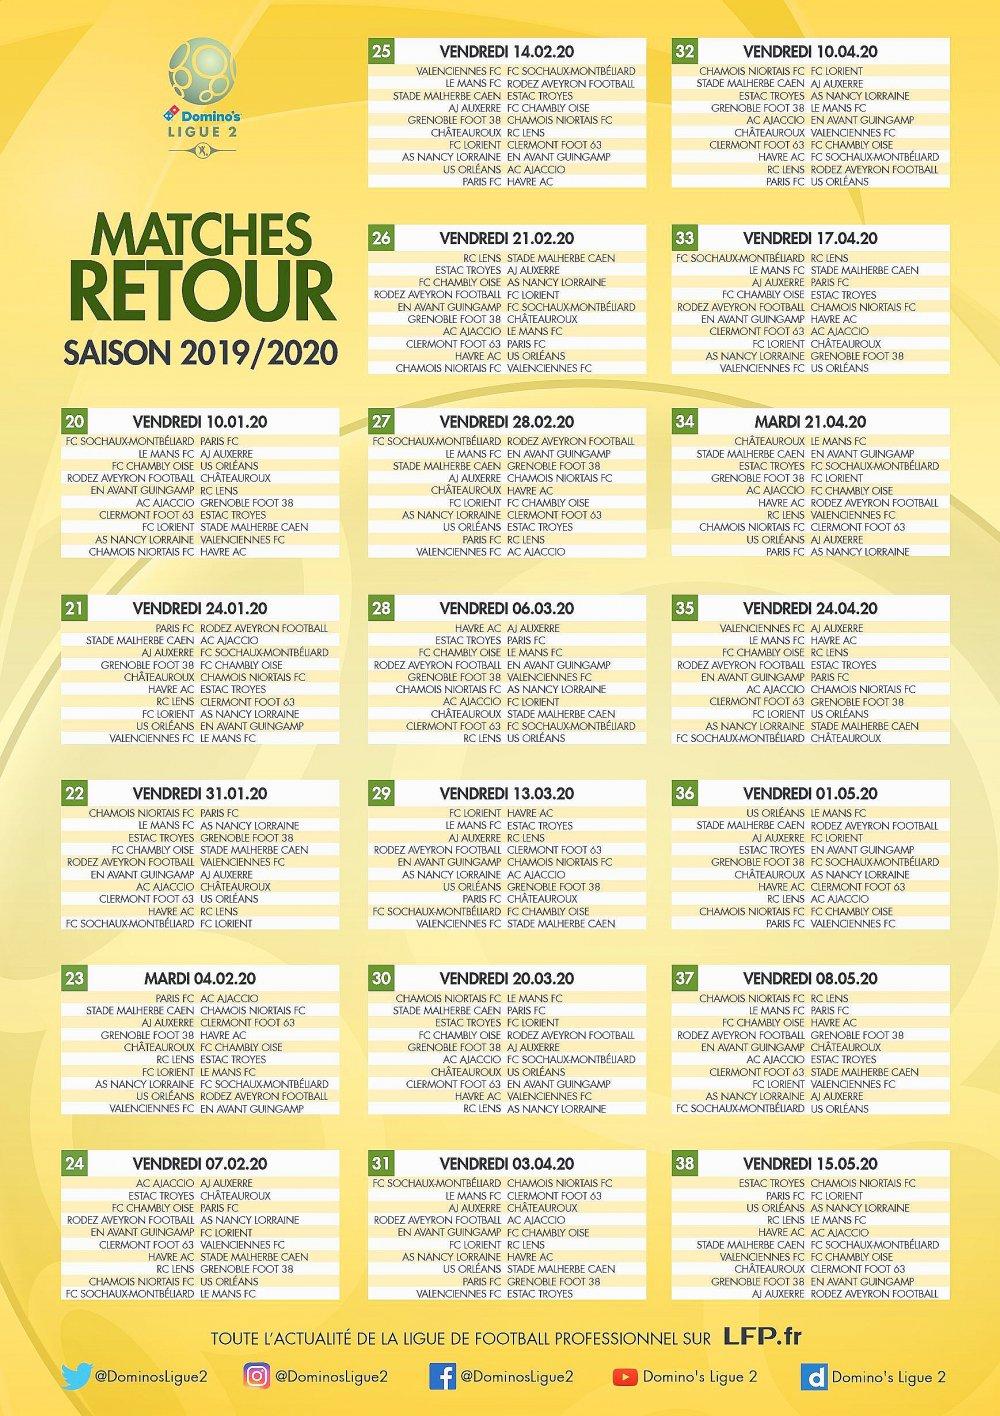 Calendrier 2020 Ligue 2.Rouen Ligue 2 Hac Le Calendrier 2019 2020 A Ete Devoile